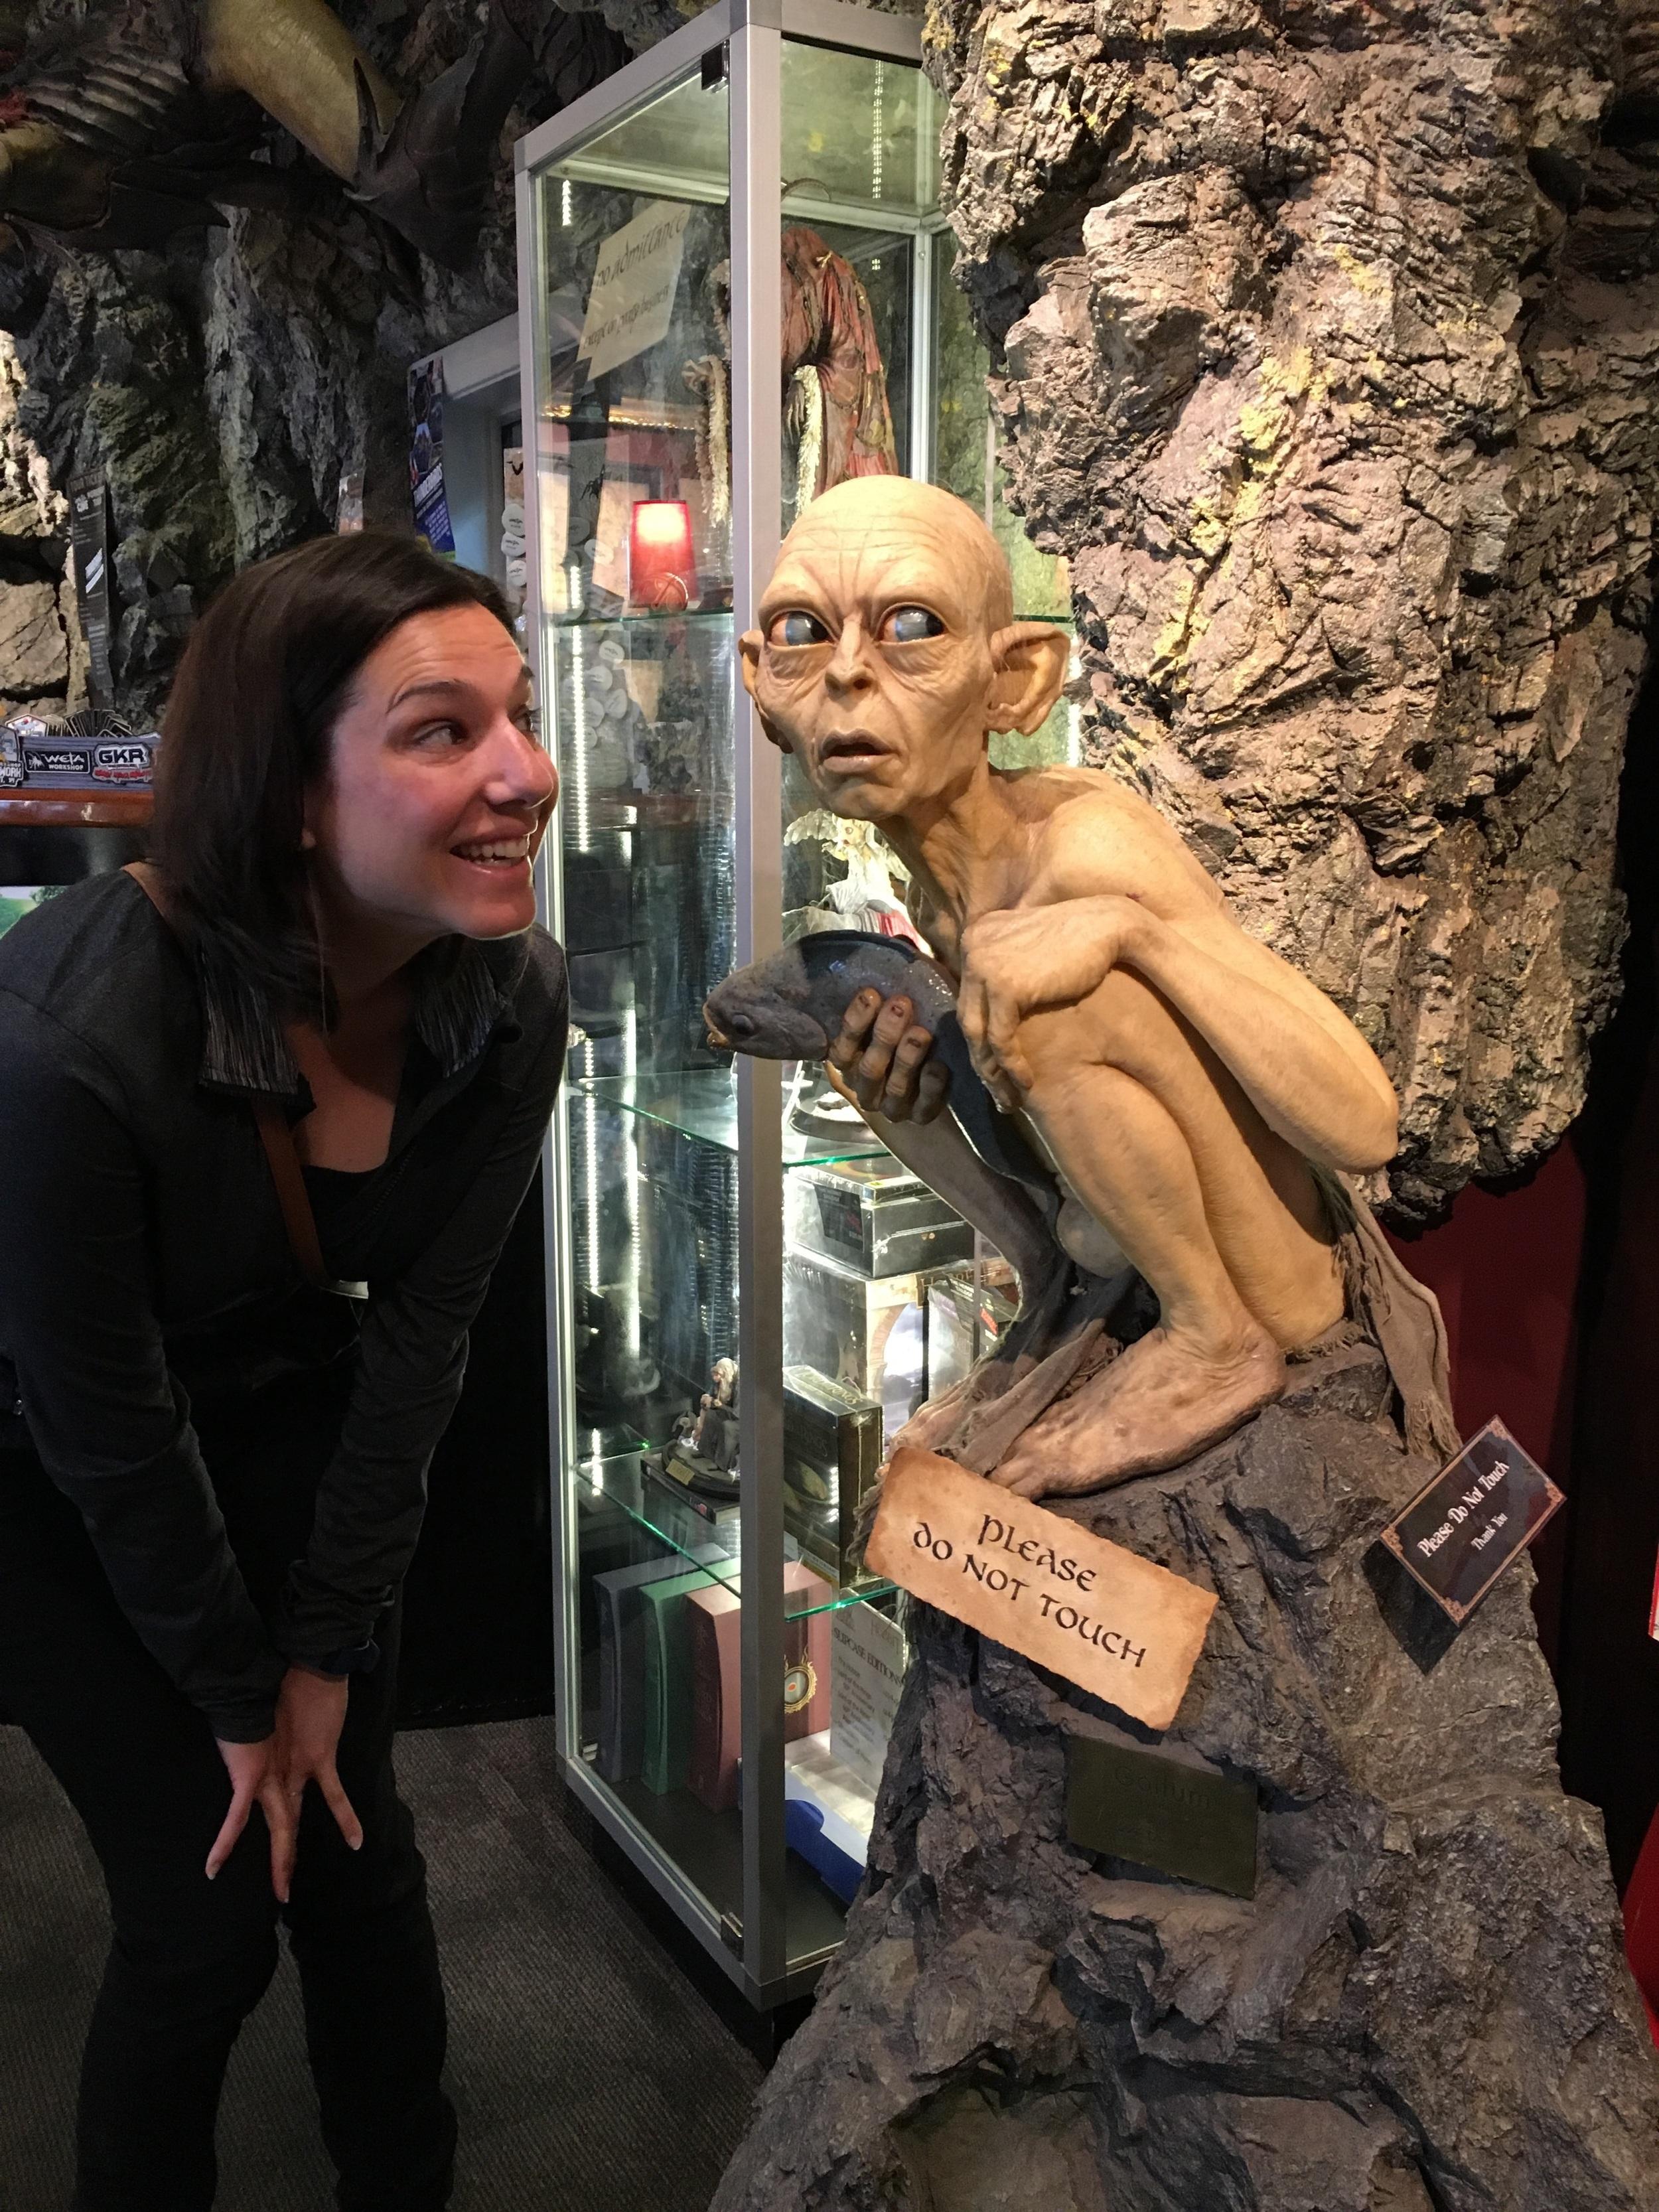 Sus and Gollum at Weta Cave